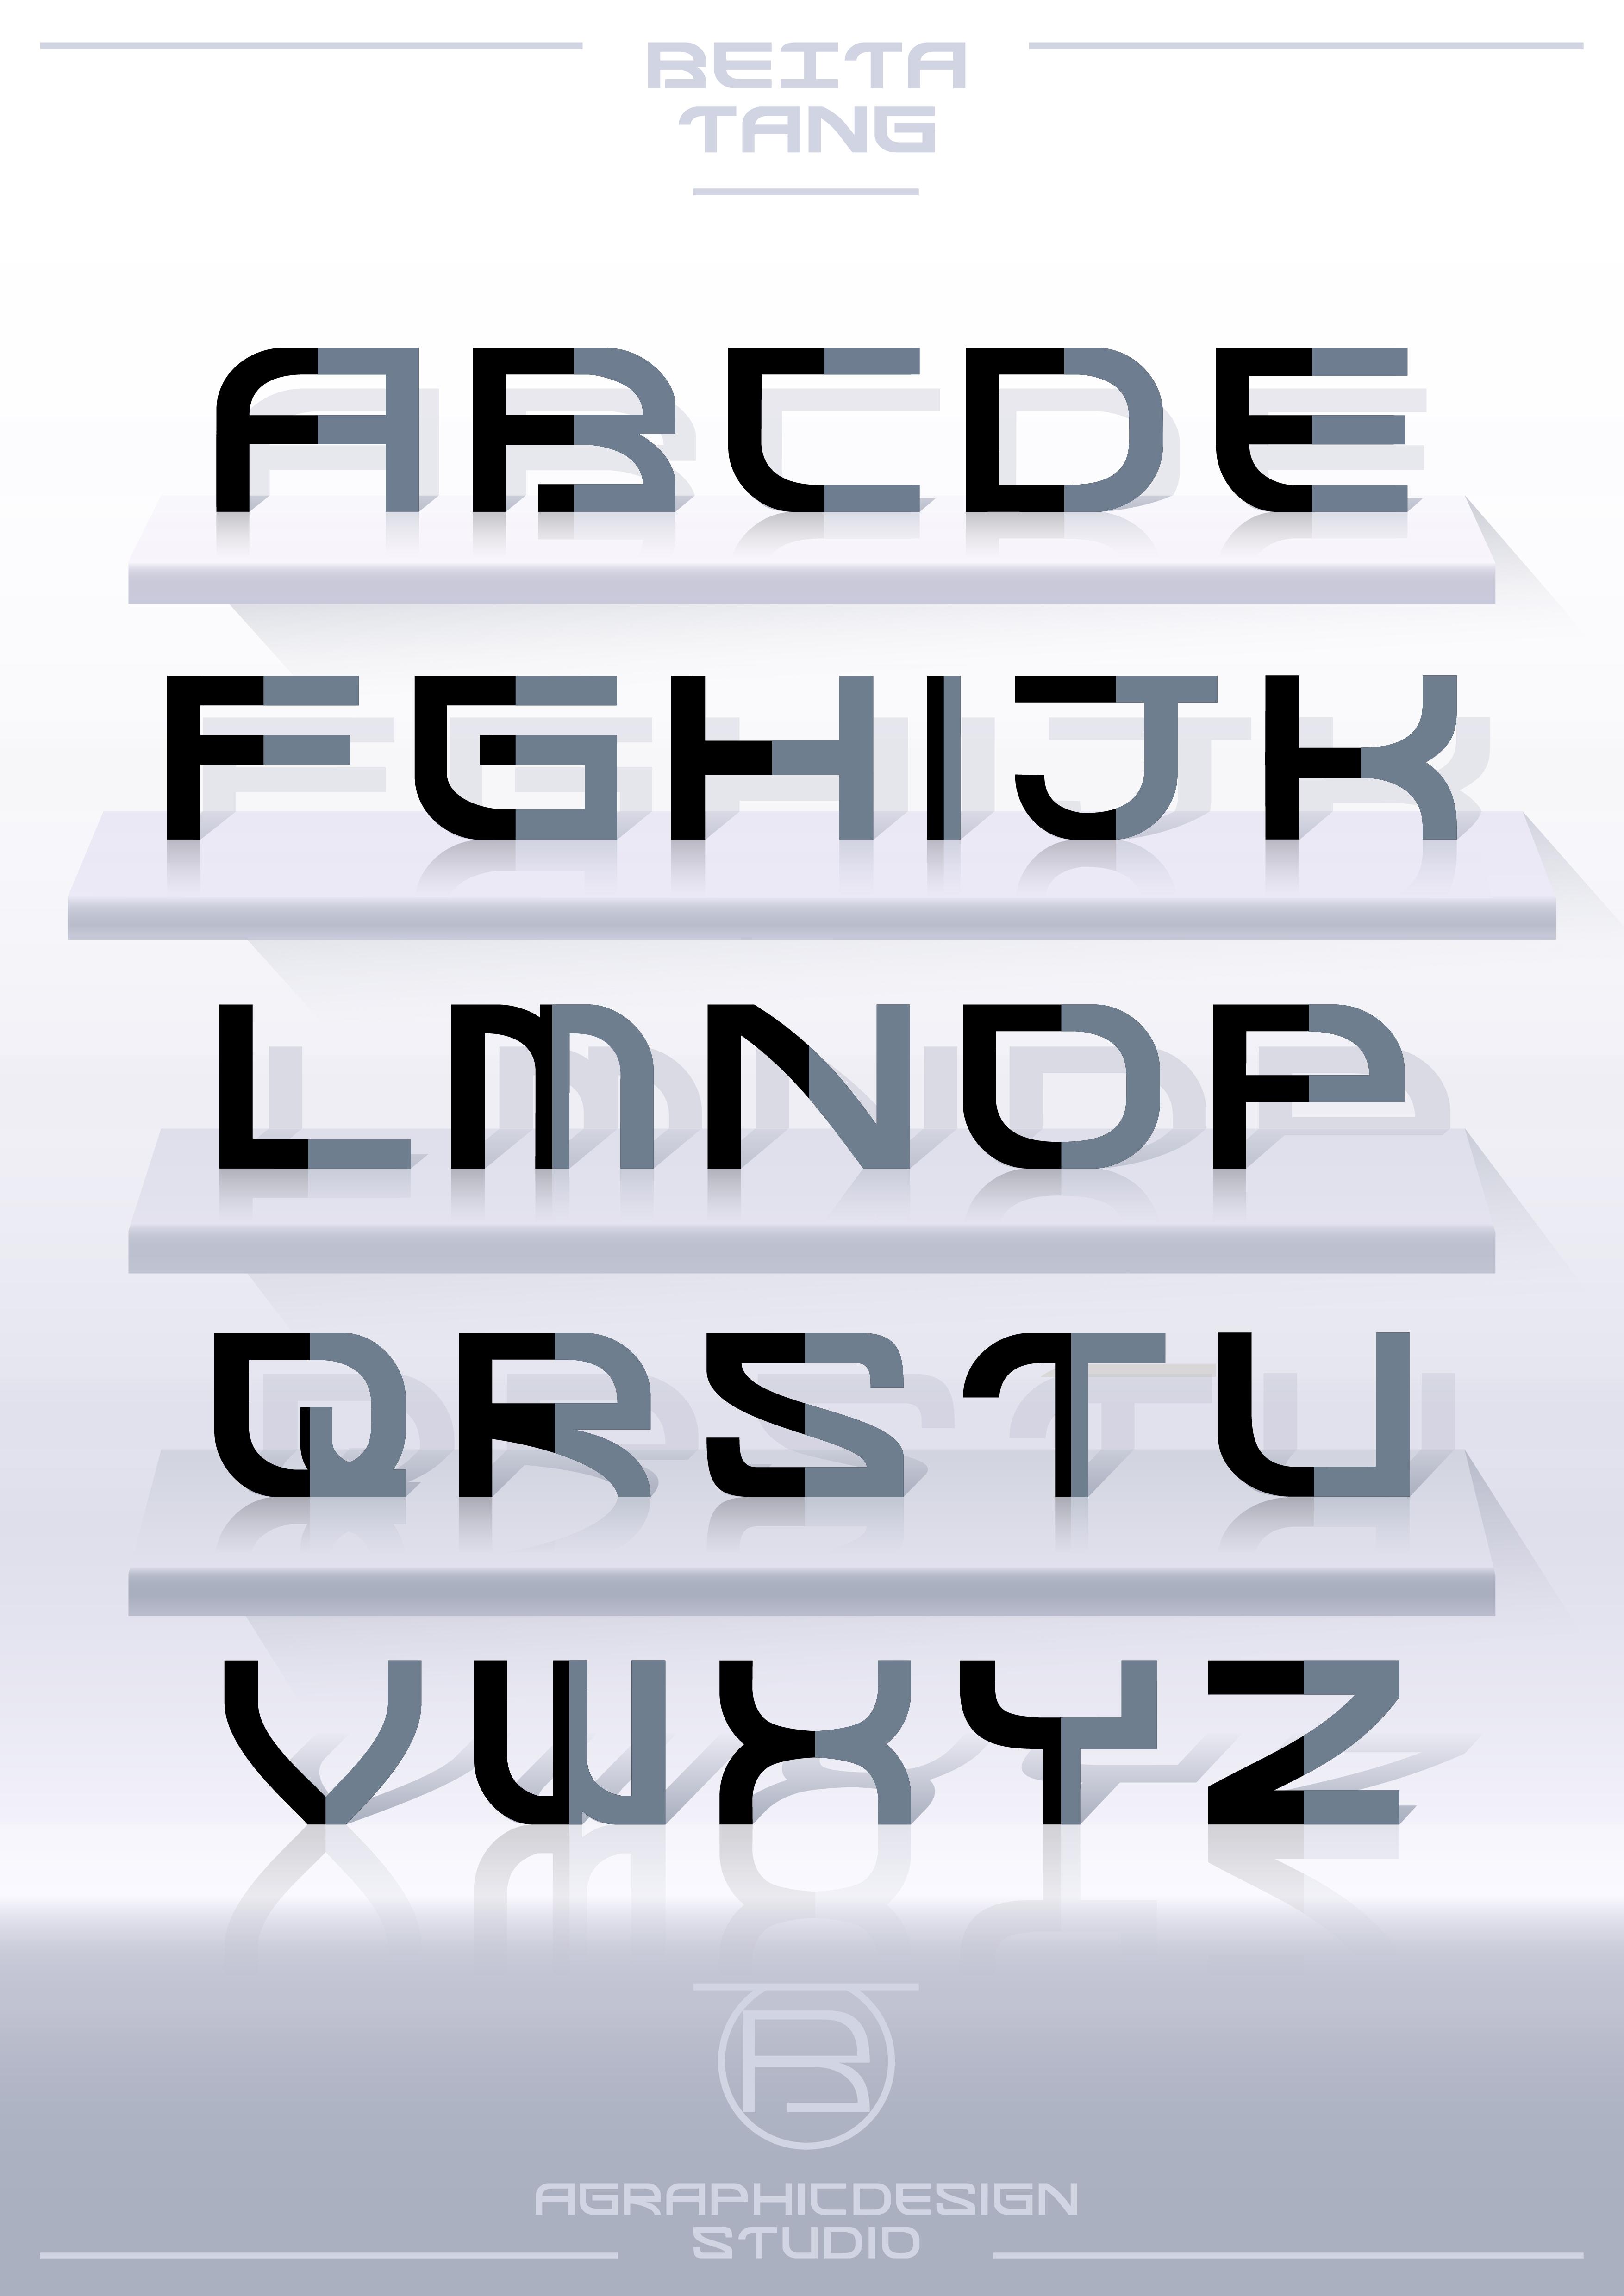 可爱卡通创意26个英文大写字母字体设计   素材公社 tooopen.com